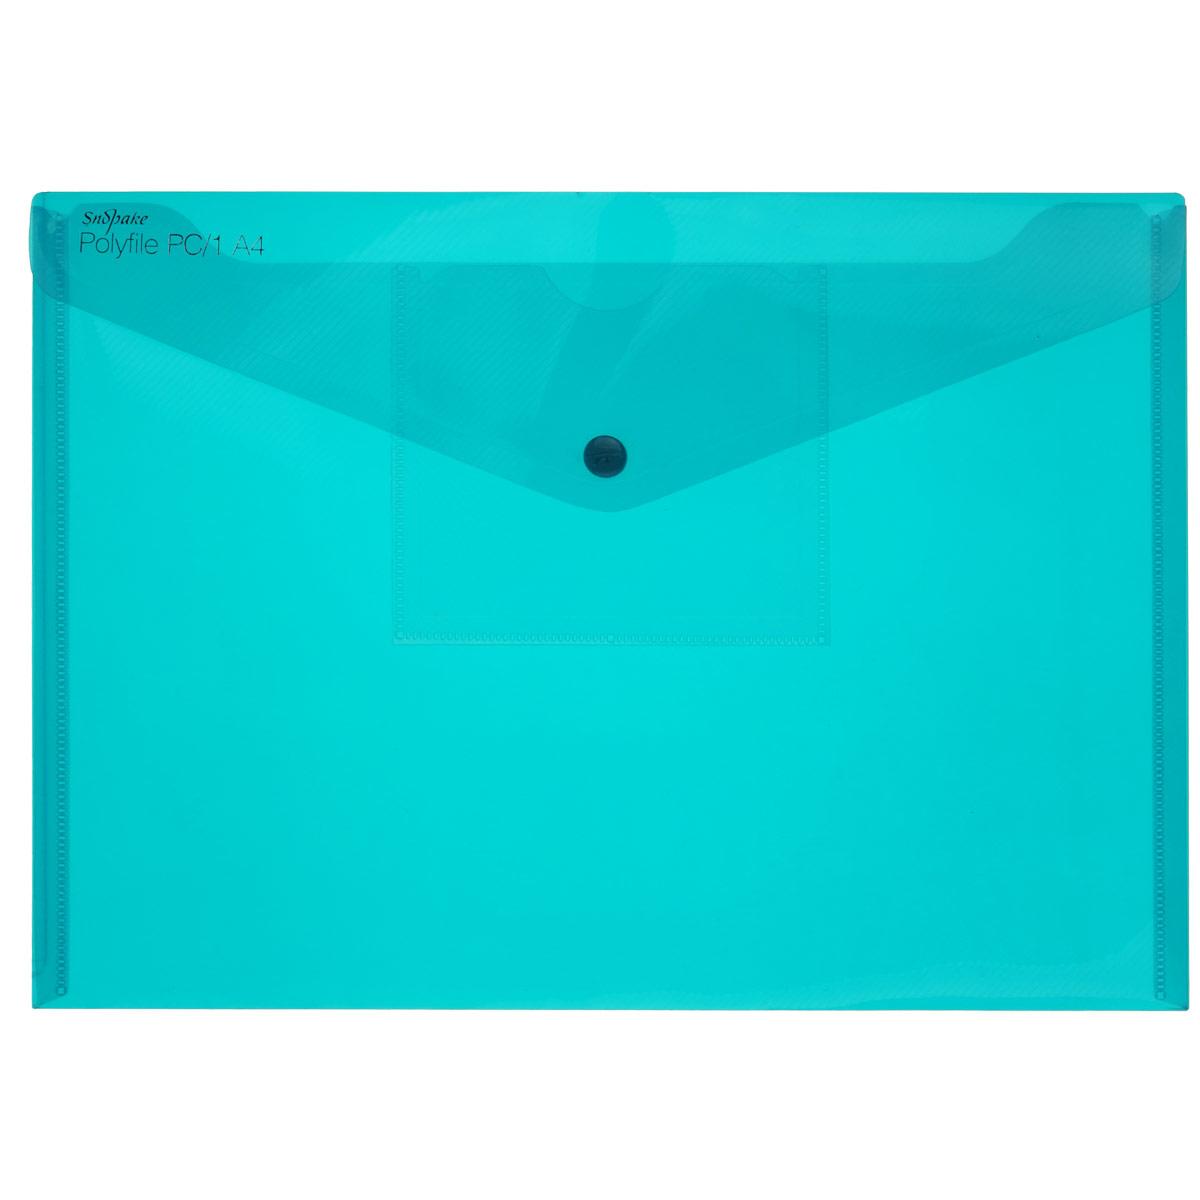 Папка-конверт на кнопке Snopake Electra, с карманом для 3.5 дискет, цвет: бирюзовый. Формат А4K11760